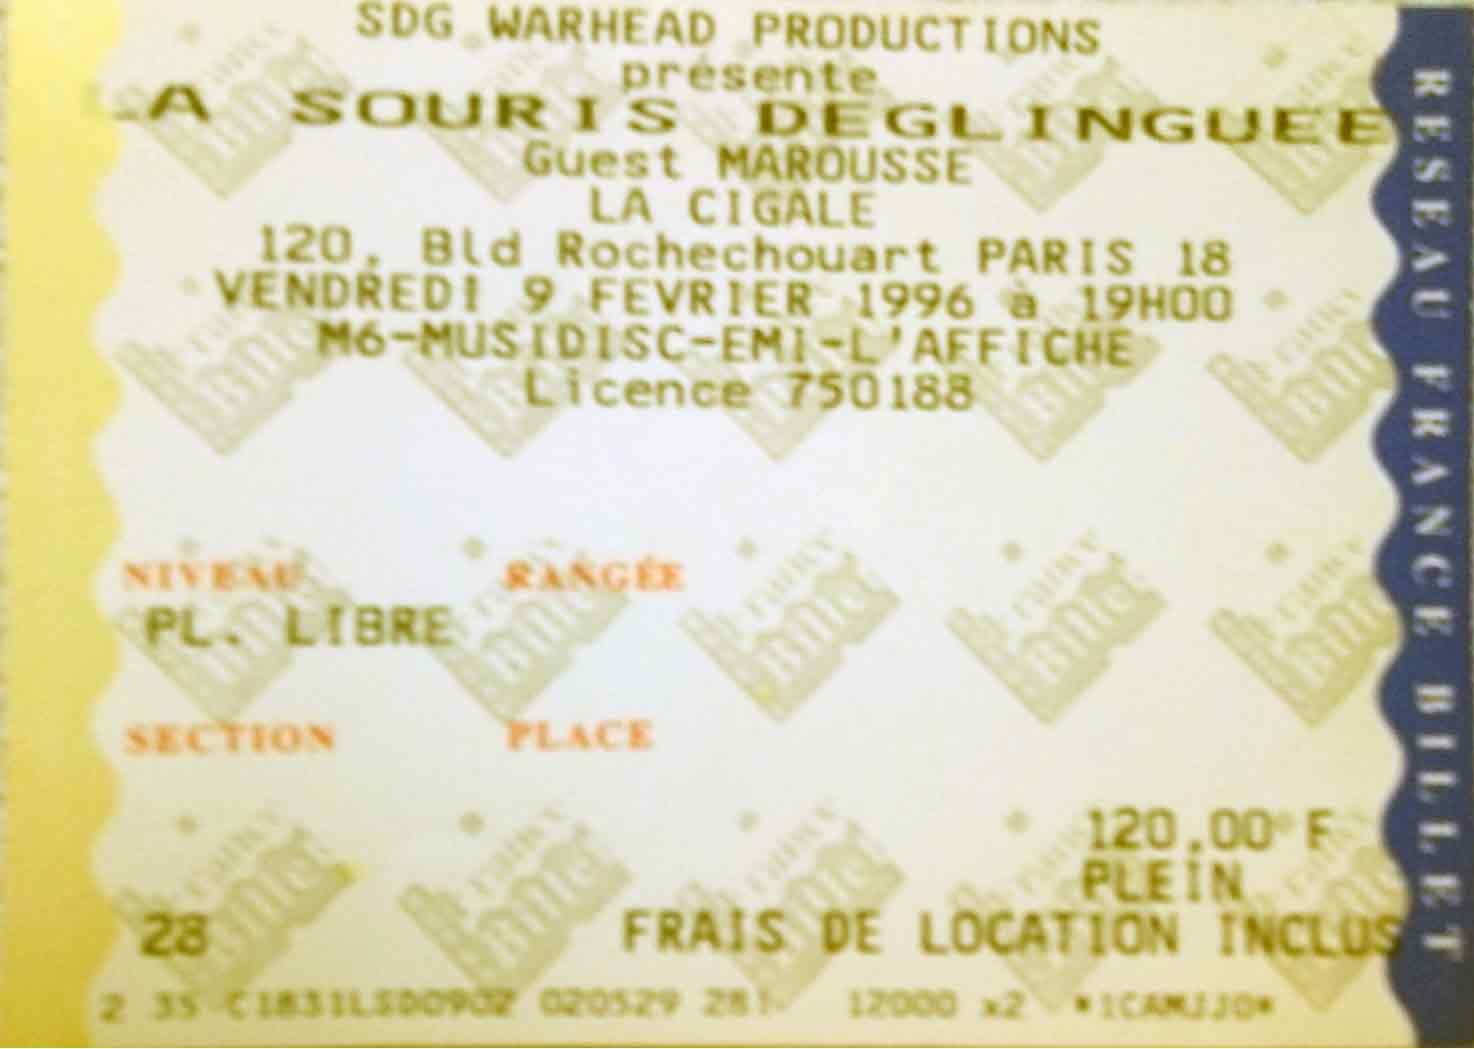 """9 février 1996 La Souris Deglinguée, Marousse à Paris """"la Cigale"""""""